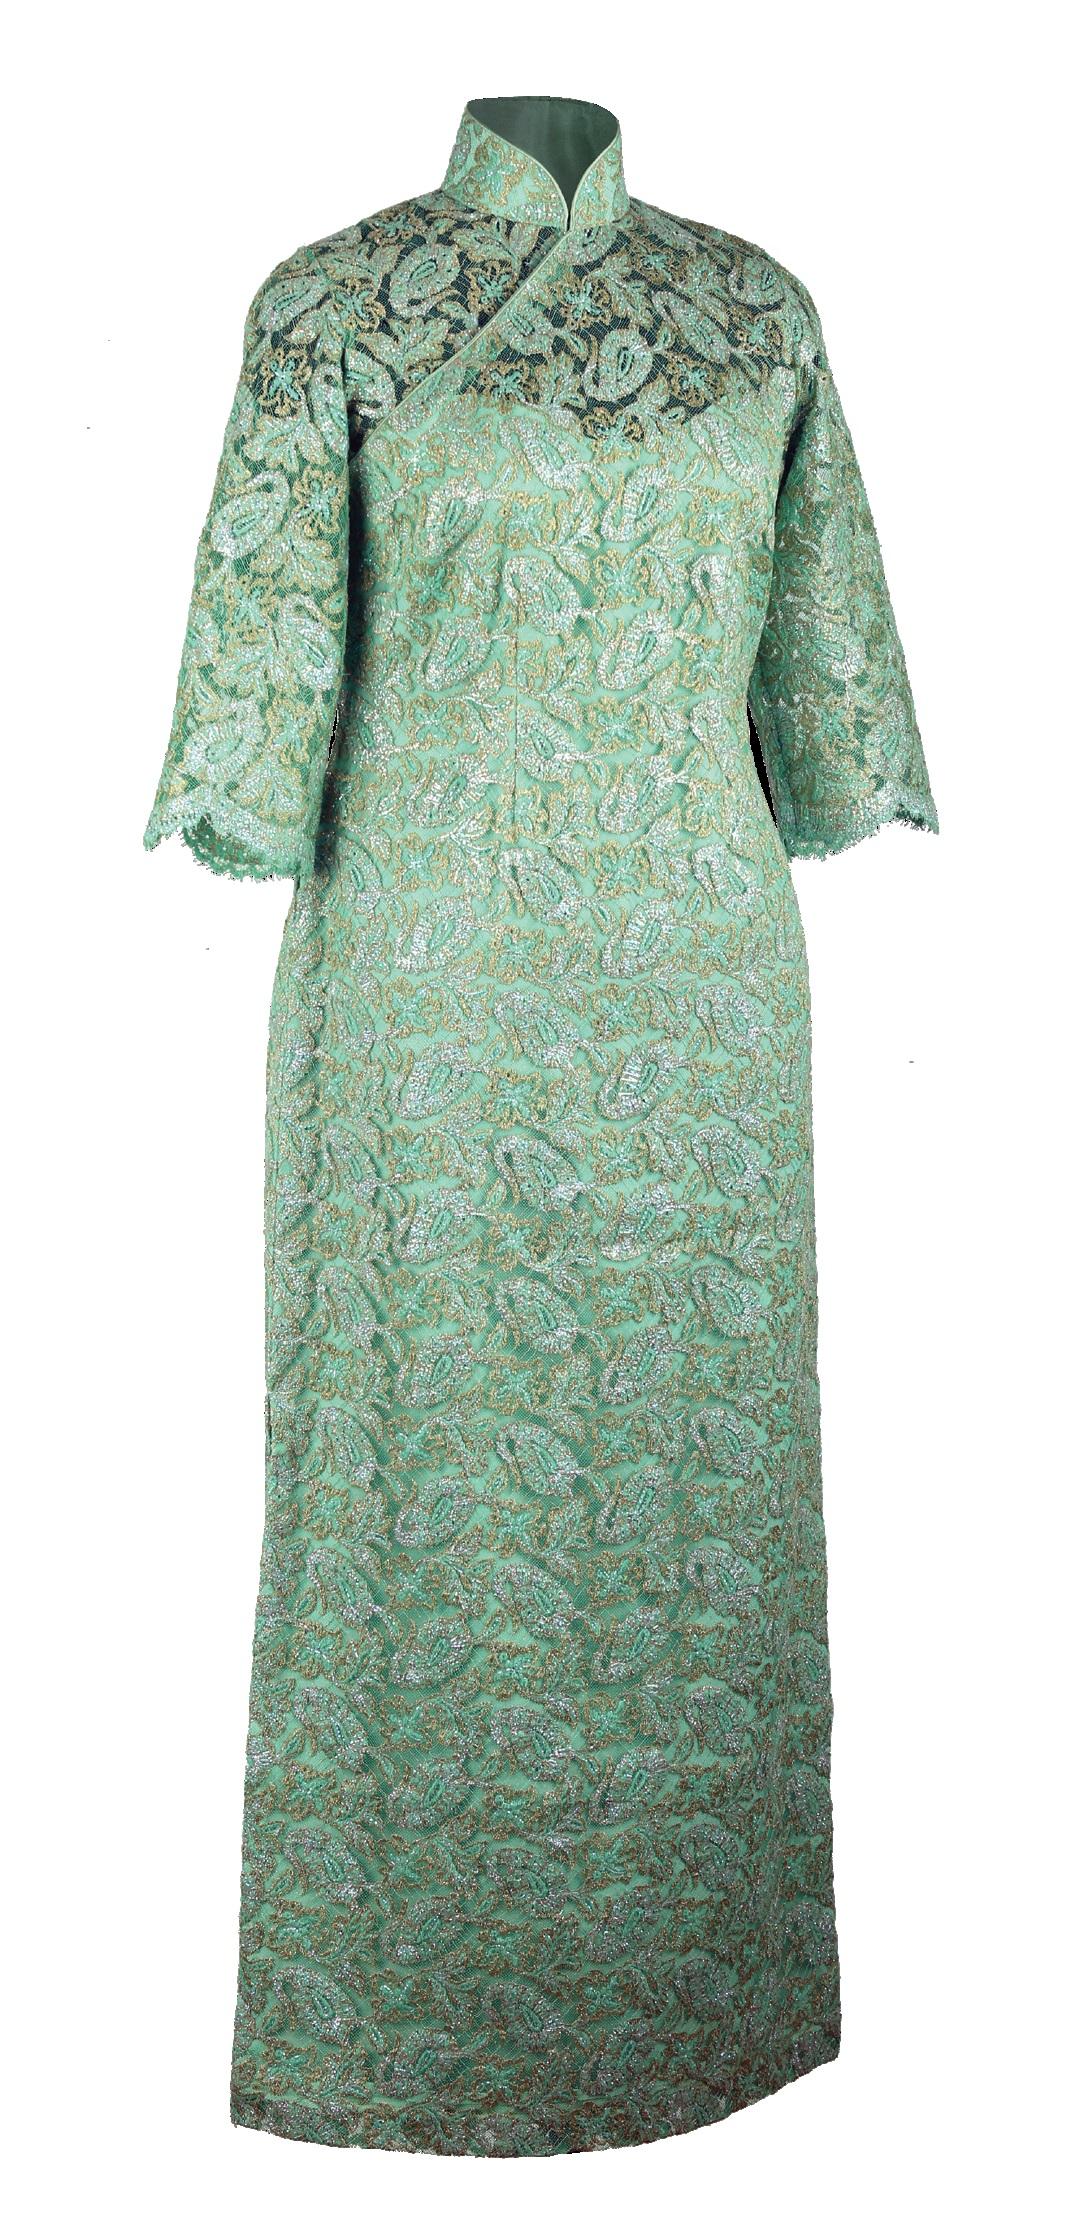 綠色鐳射織金蕾絲中袖旗袍「海上の明月、軽い裾に風を追う-江南の貴族と海派チャイナドレス」上海大学博物館-海派文化博物館